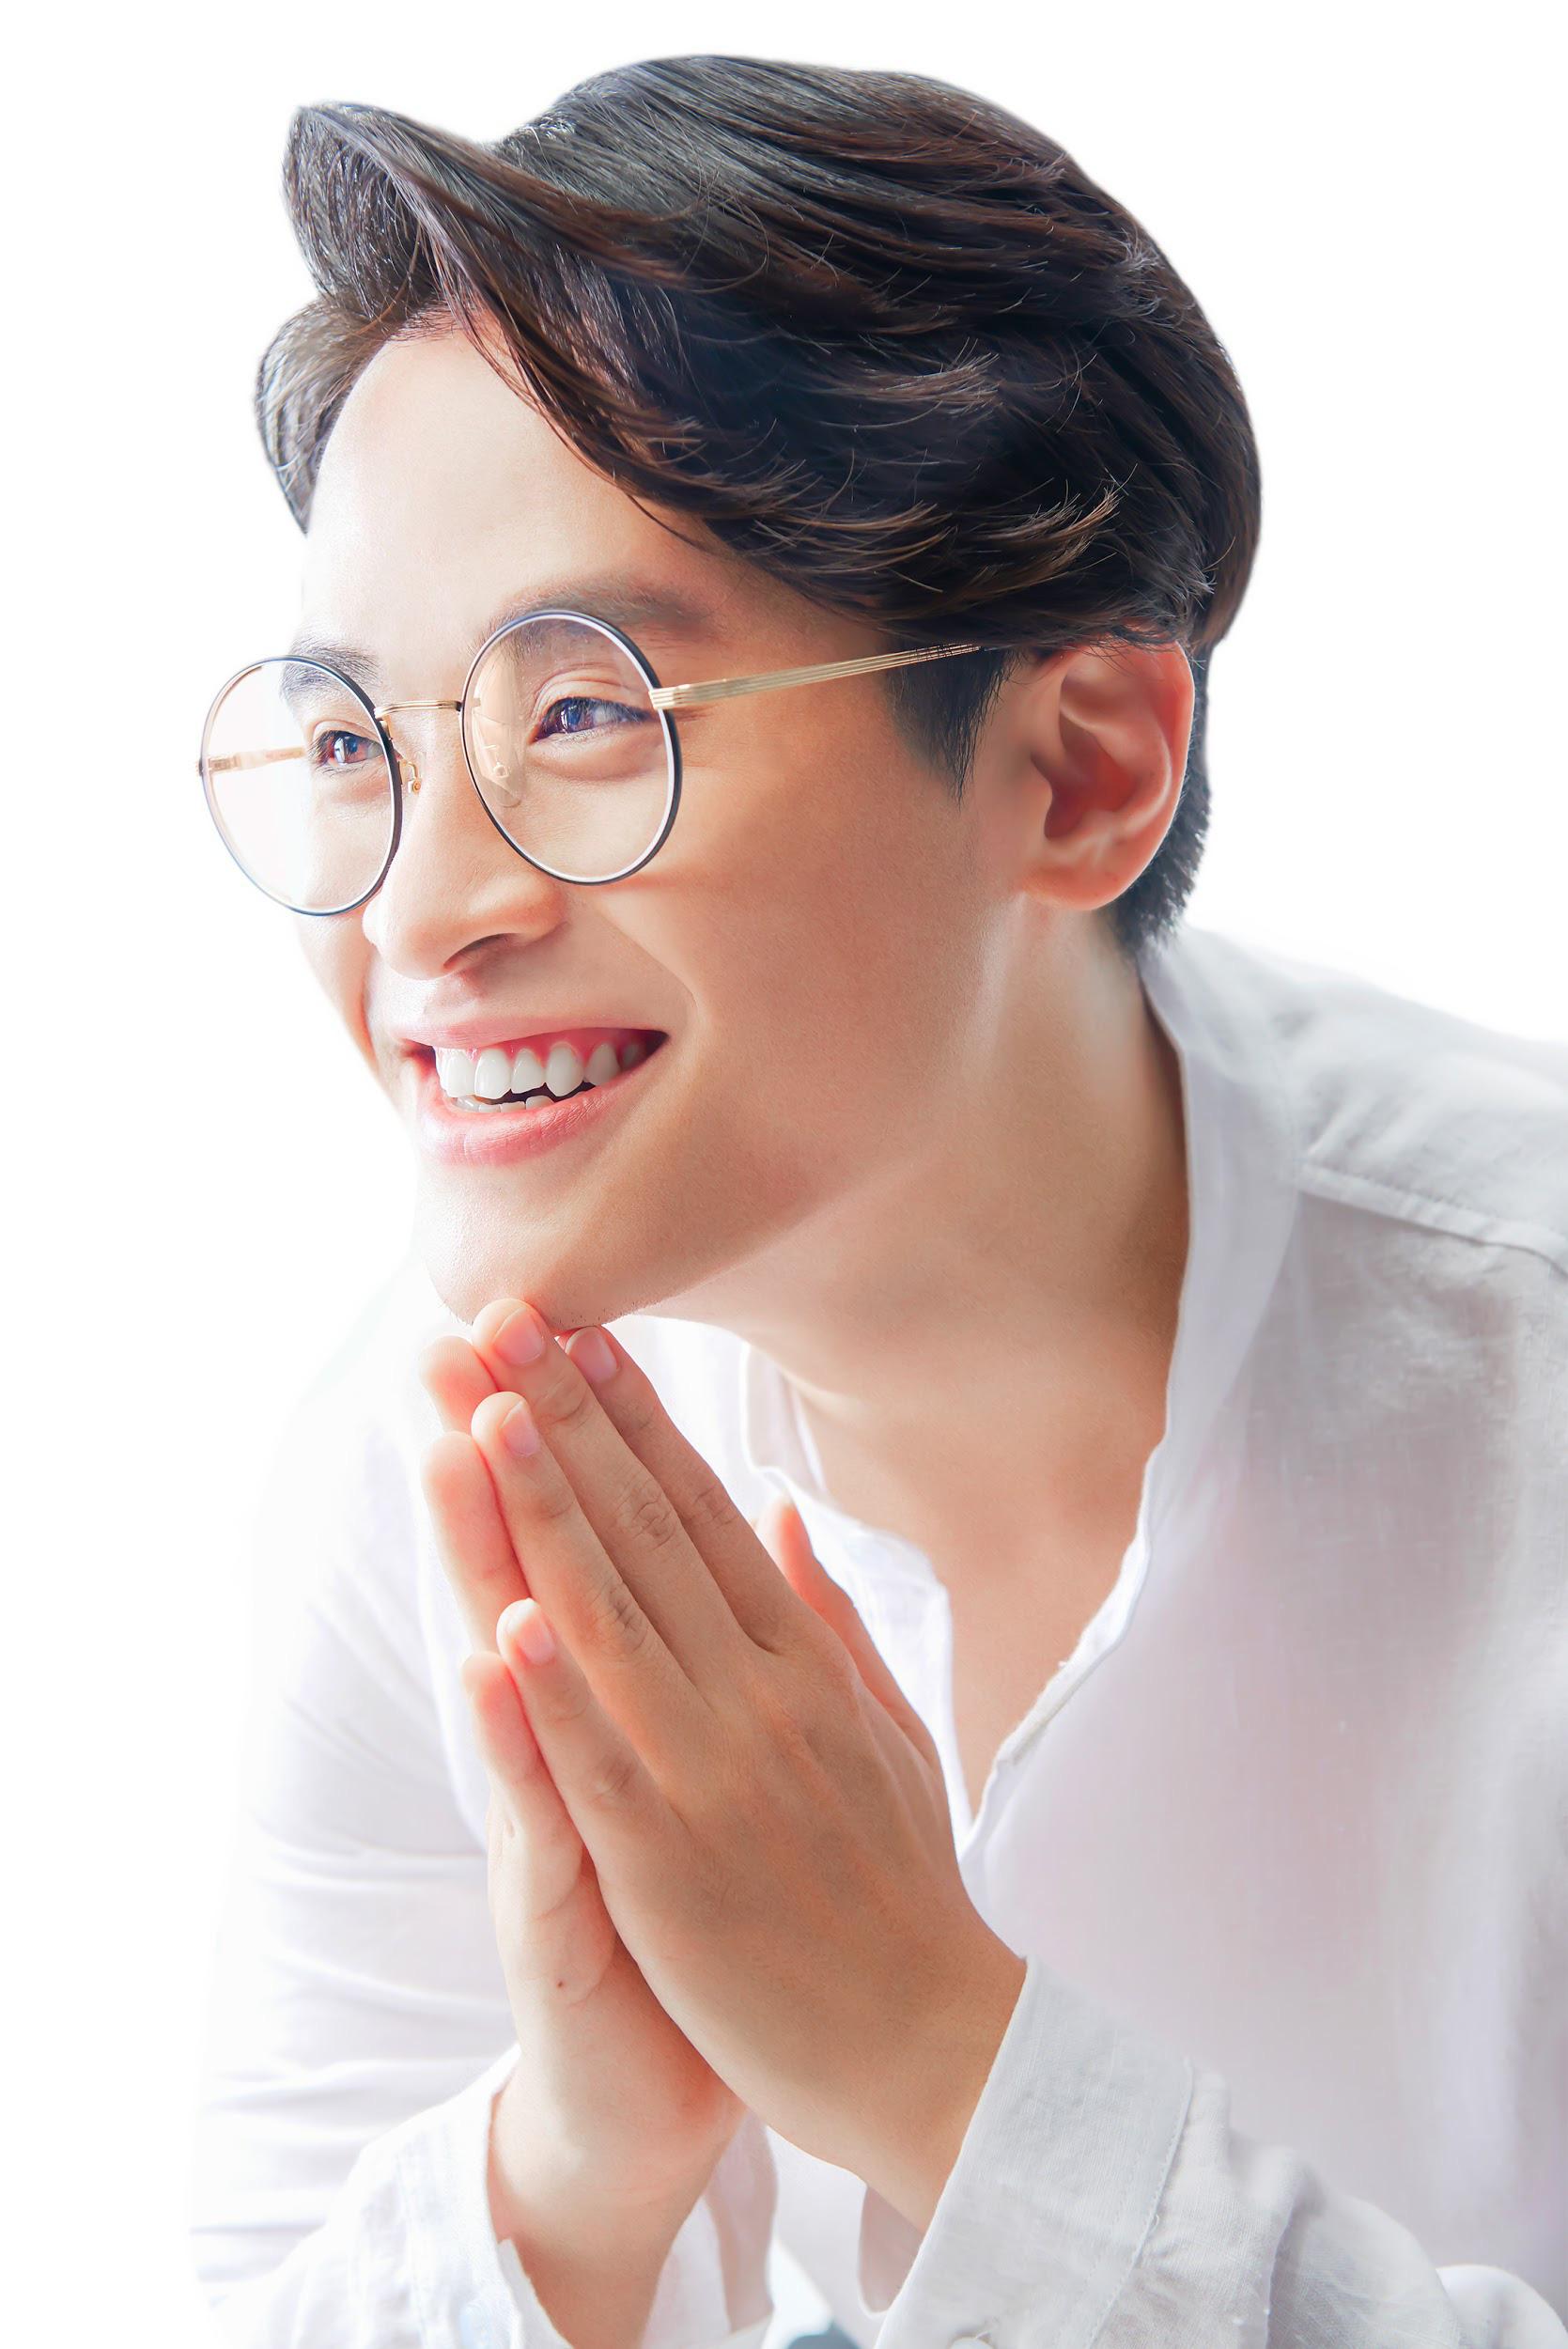 """Hà Anh Tuấn: """"Chàng hoàng tử"""" mang âm nhạc làm nguồn sinh khí nuôi dưỡng trái tim - Ảnh 1."""